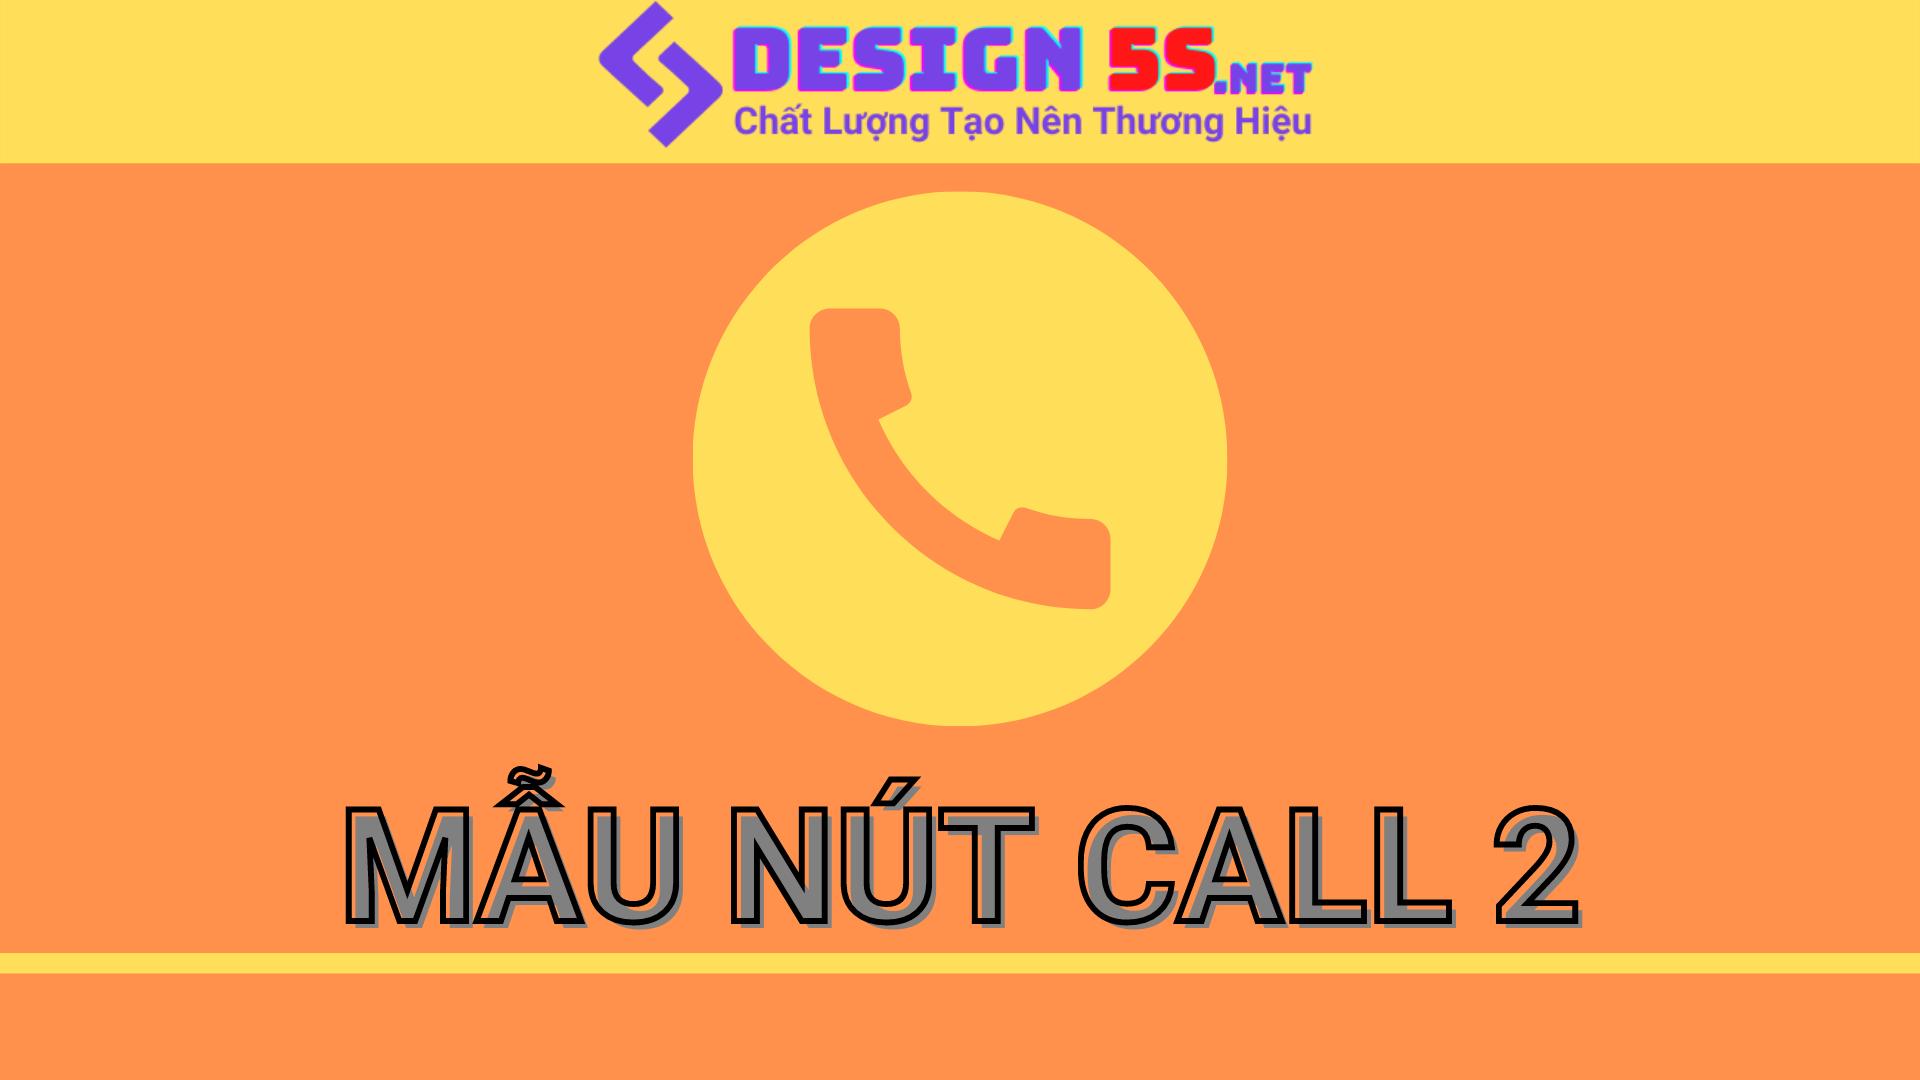 Tiện ích gọi điện trên website (mẫu 2) - Ảnh 2